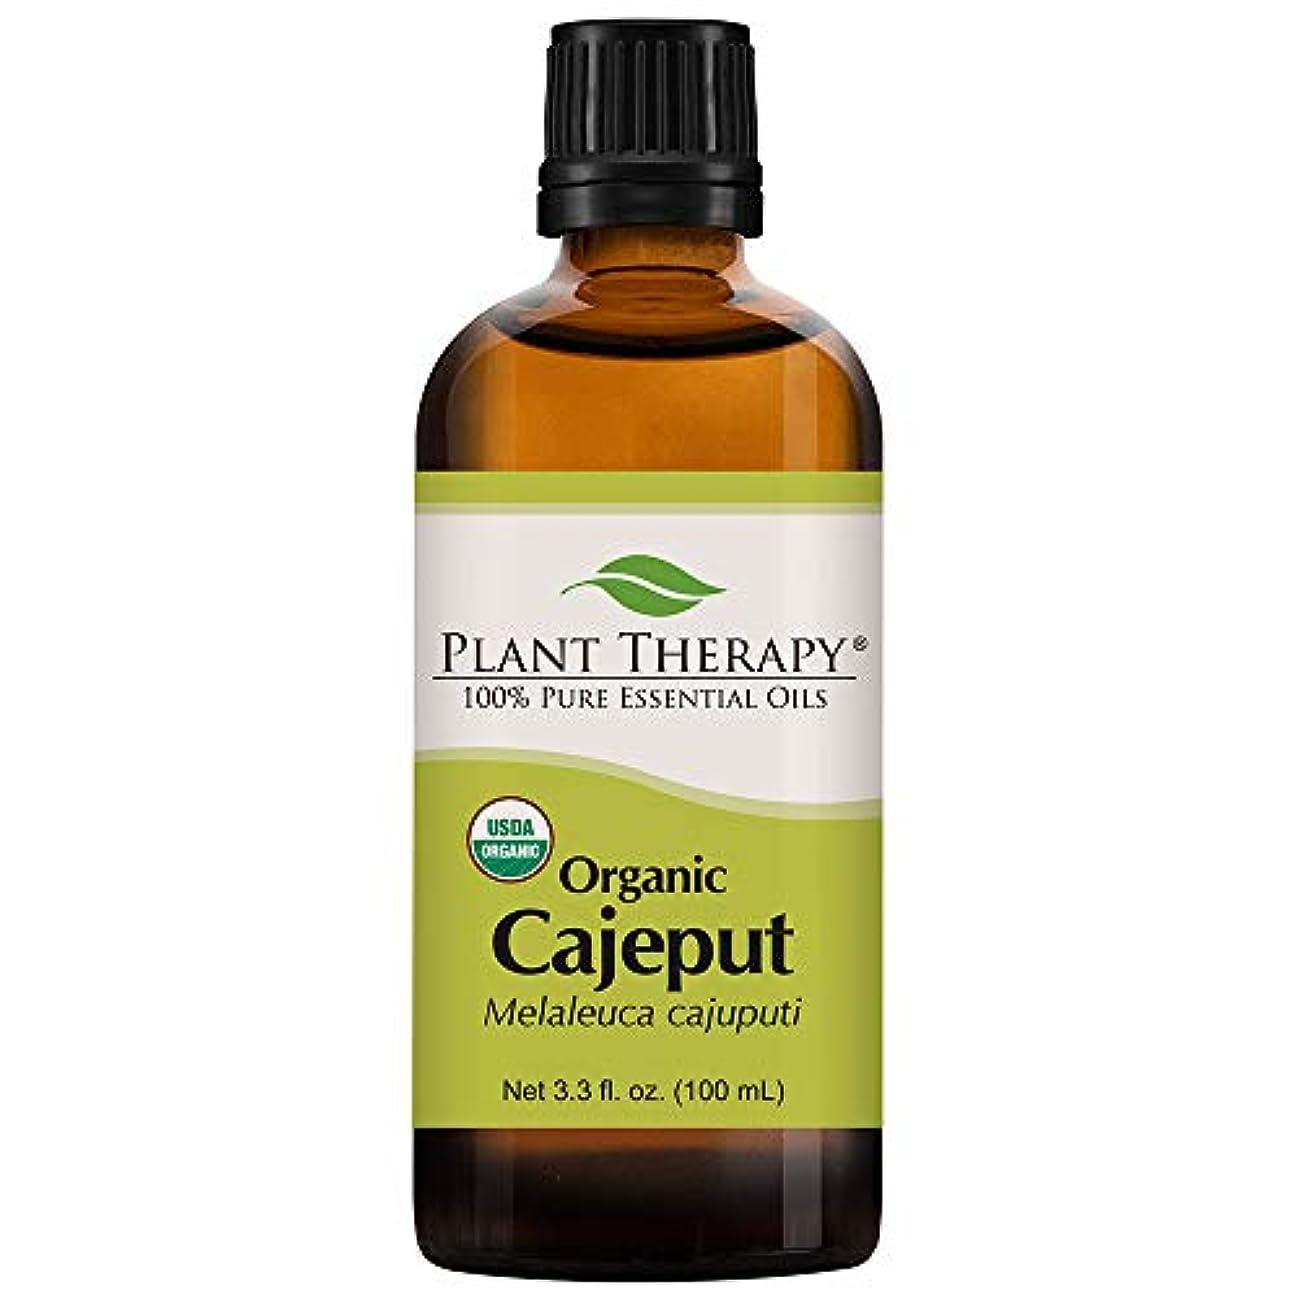 急行する精神医学不測の事態USDA Certified Organic Cajeput Essential Oil. 100 ml (3.3 oz). 100% Pure, Undiluted, Therapeutic Grade.